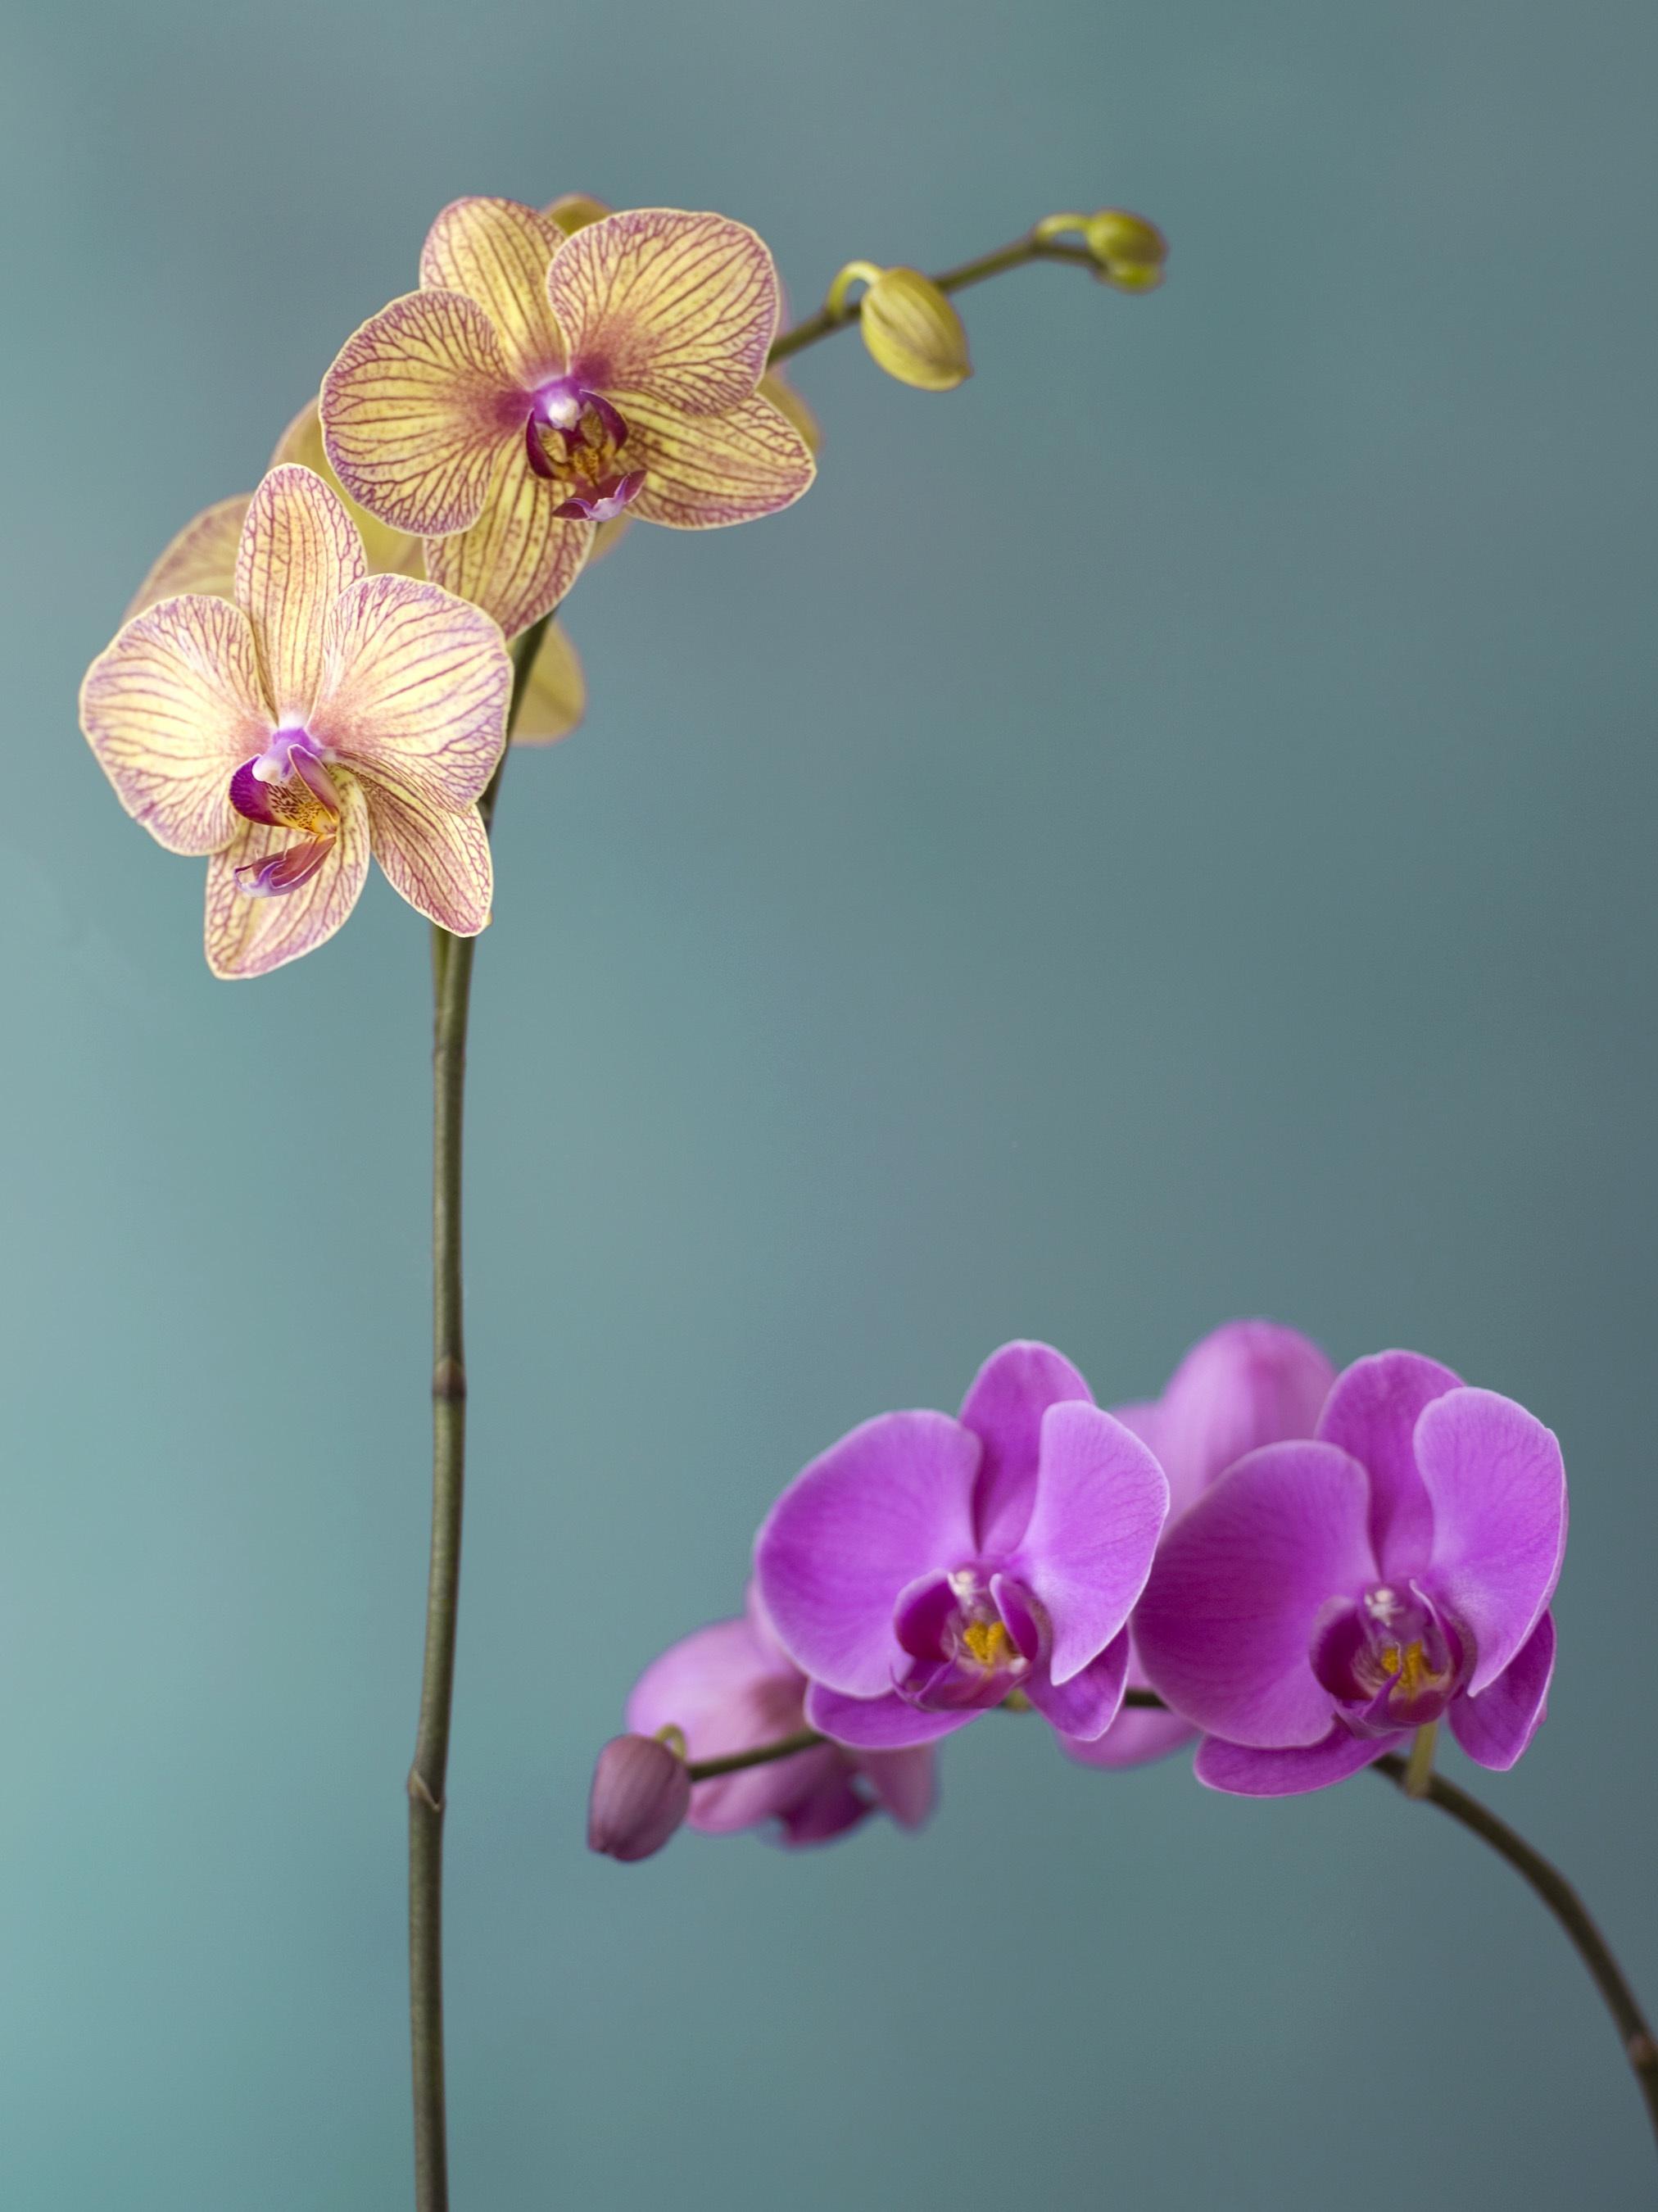 http://en.wikipedia.org/wiki/Orchidaceae